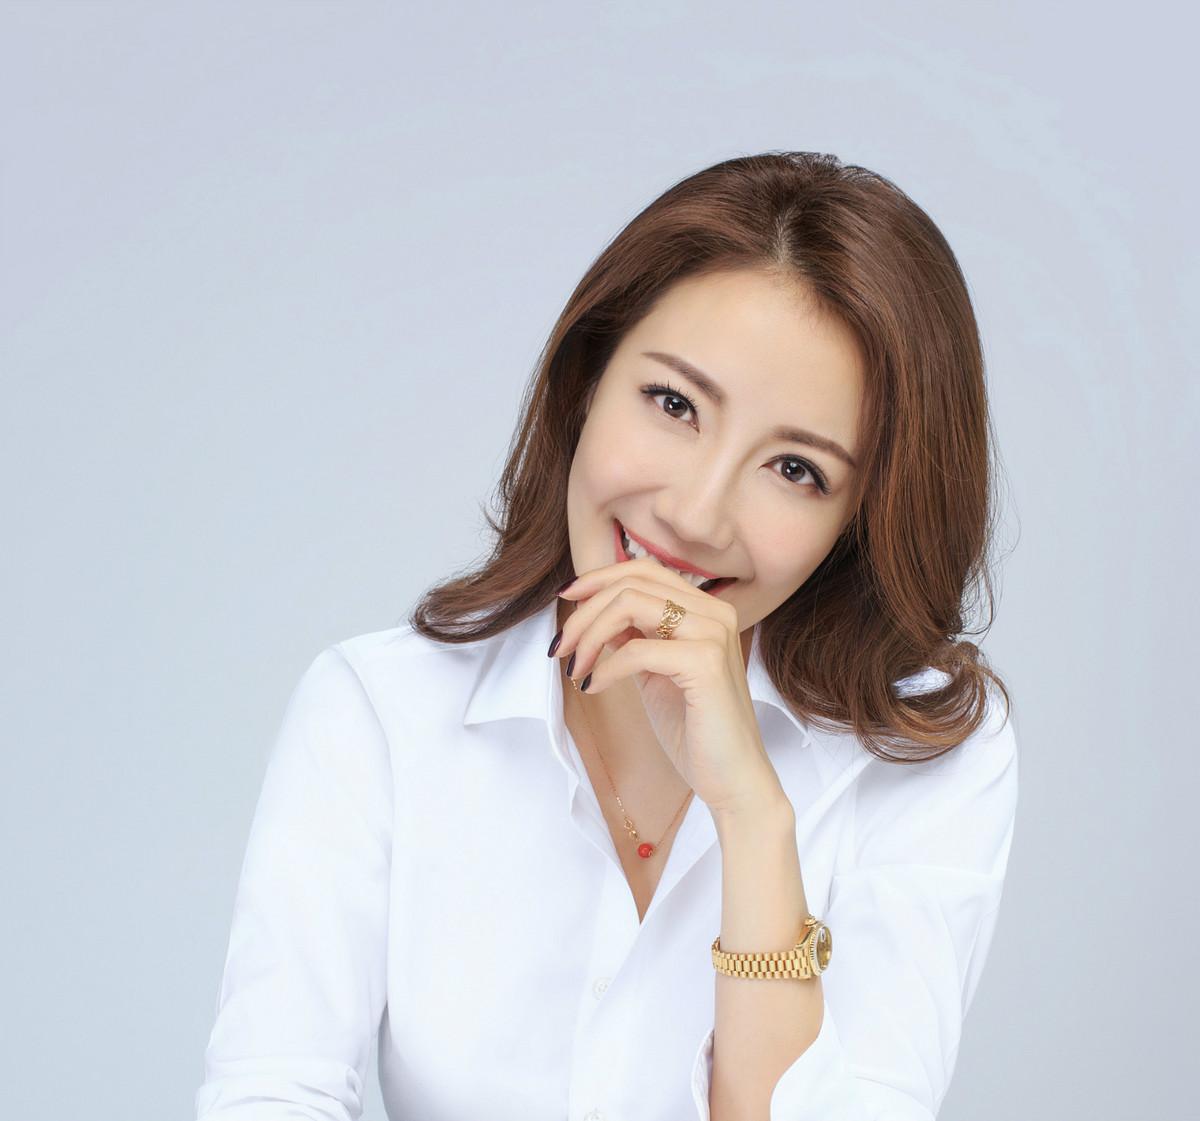 百麗控股輕奢女鞋品牌「73Hours」交易后品牌保持獨立運營